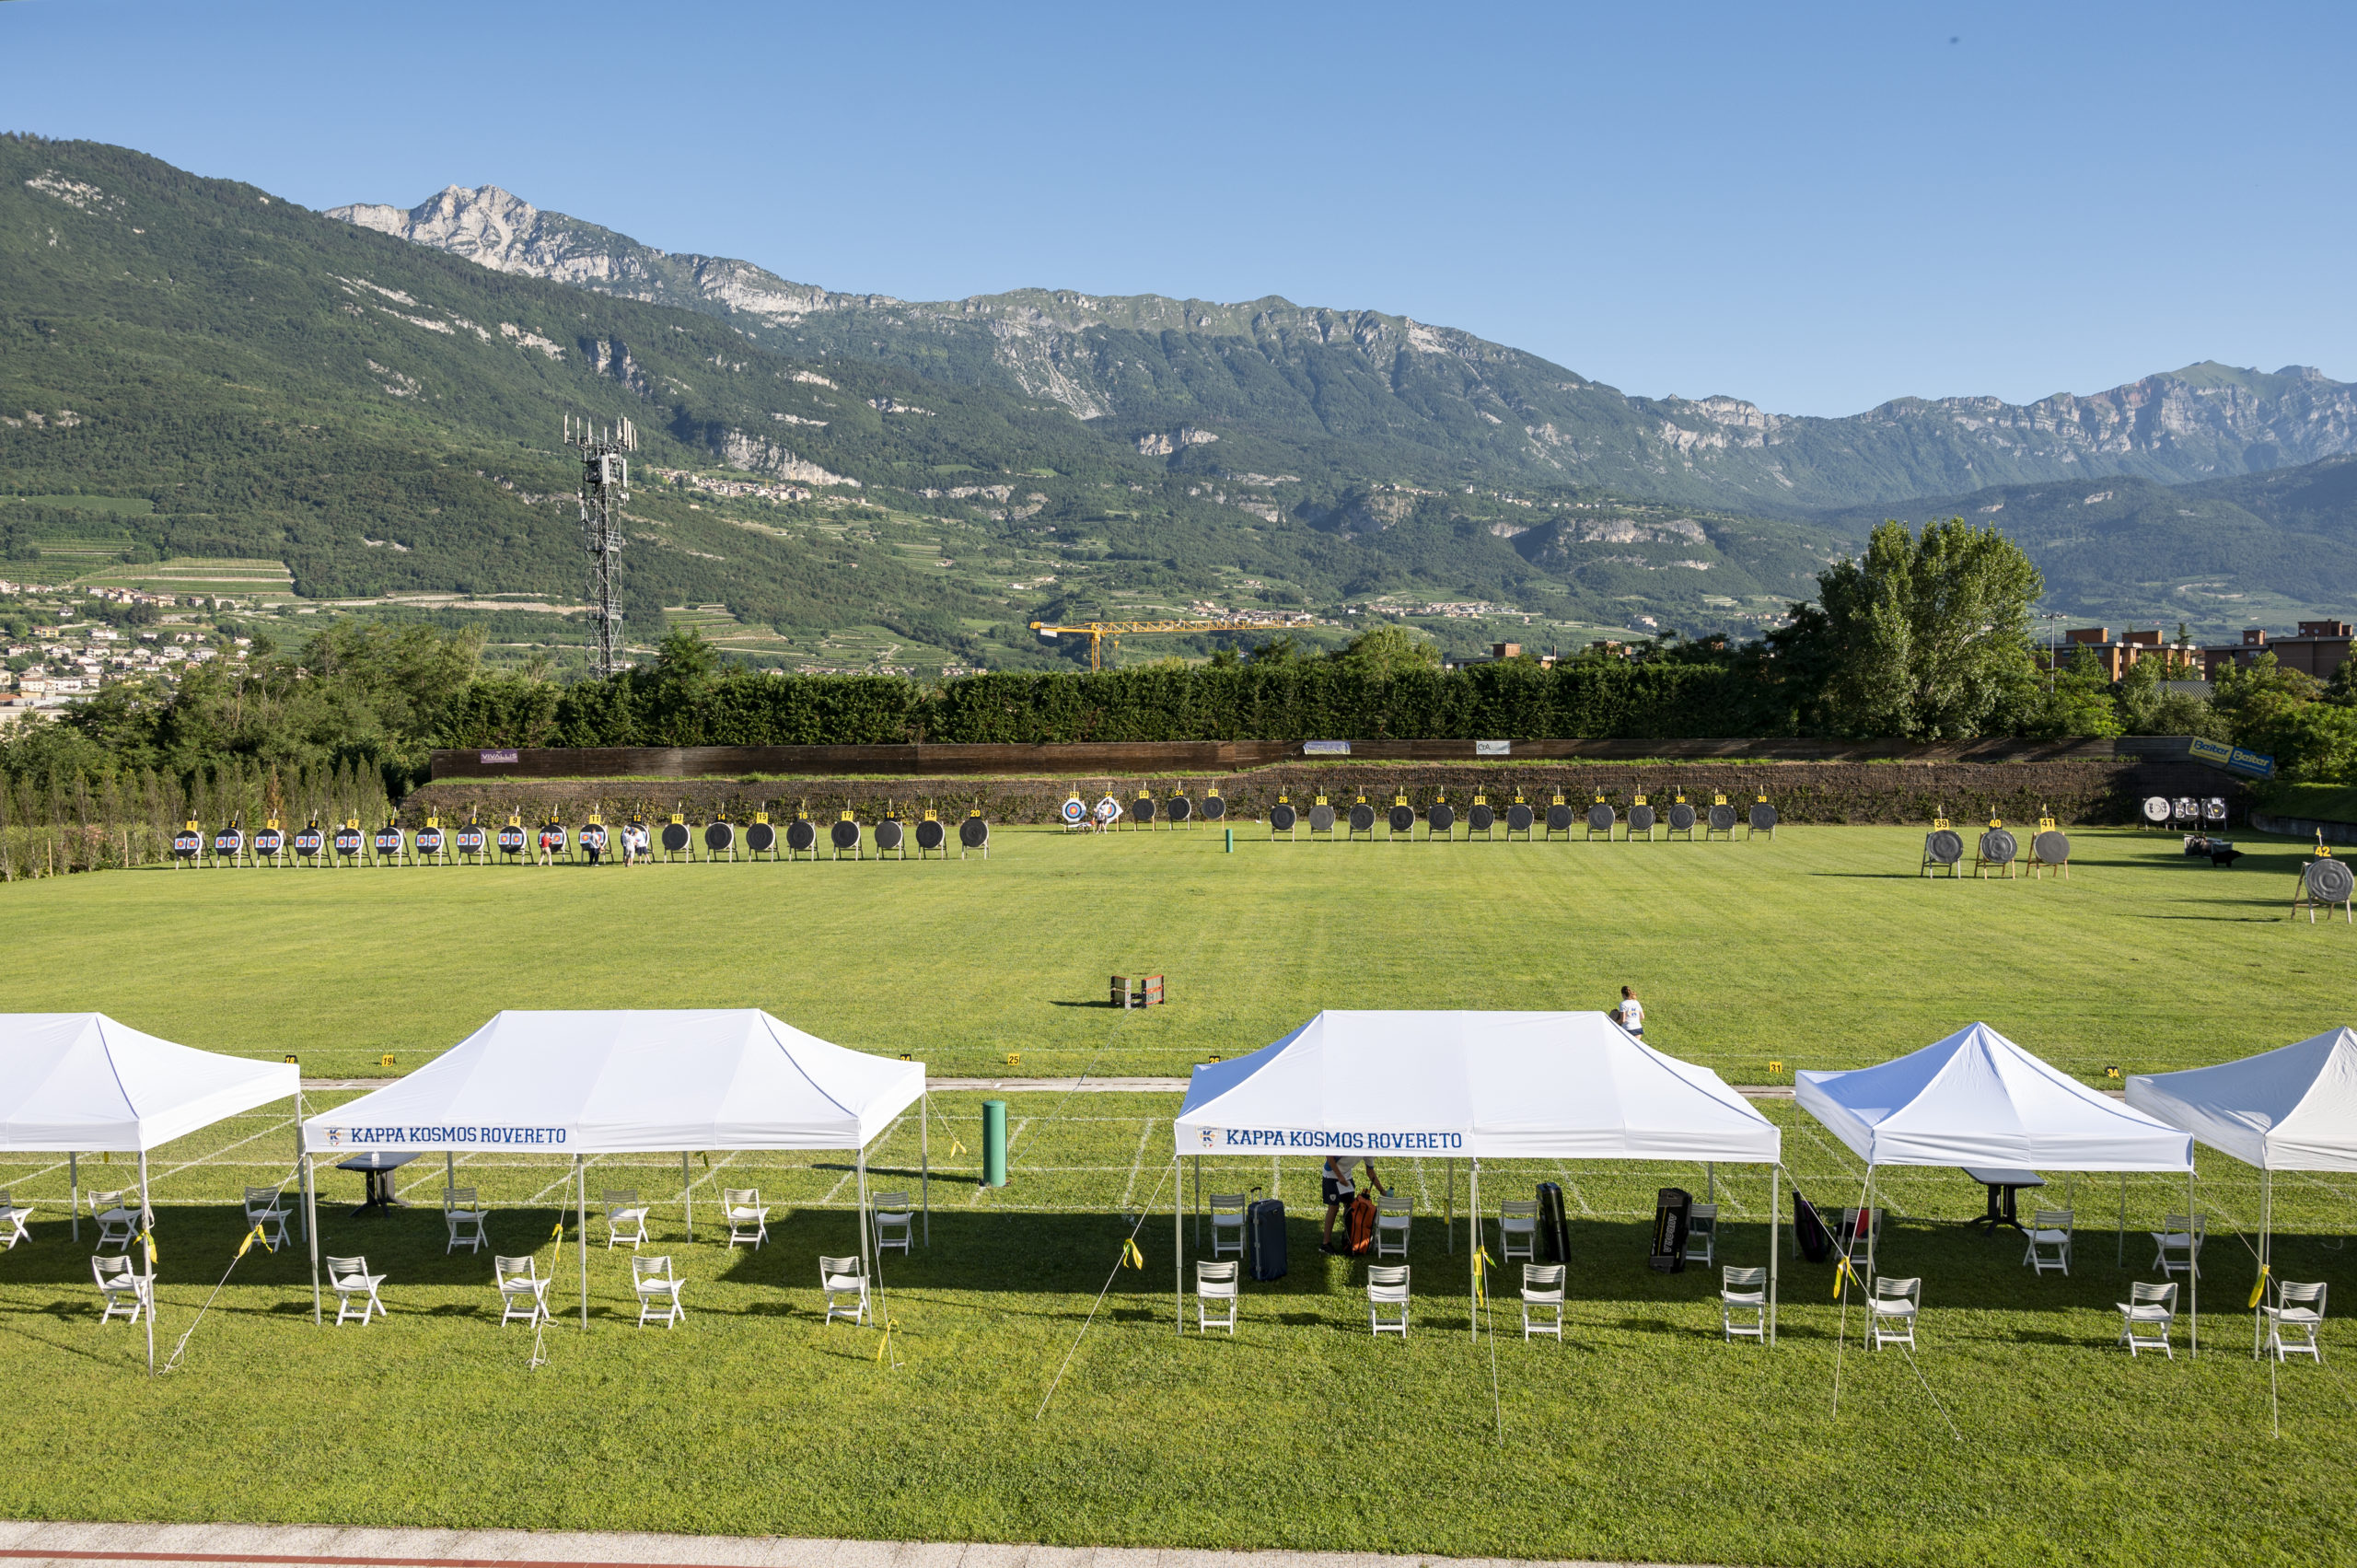 Campionati Italiani di Società 2021. Rovereto, 15-16 maggio